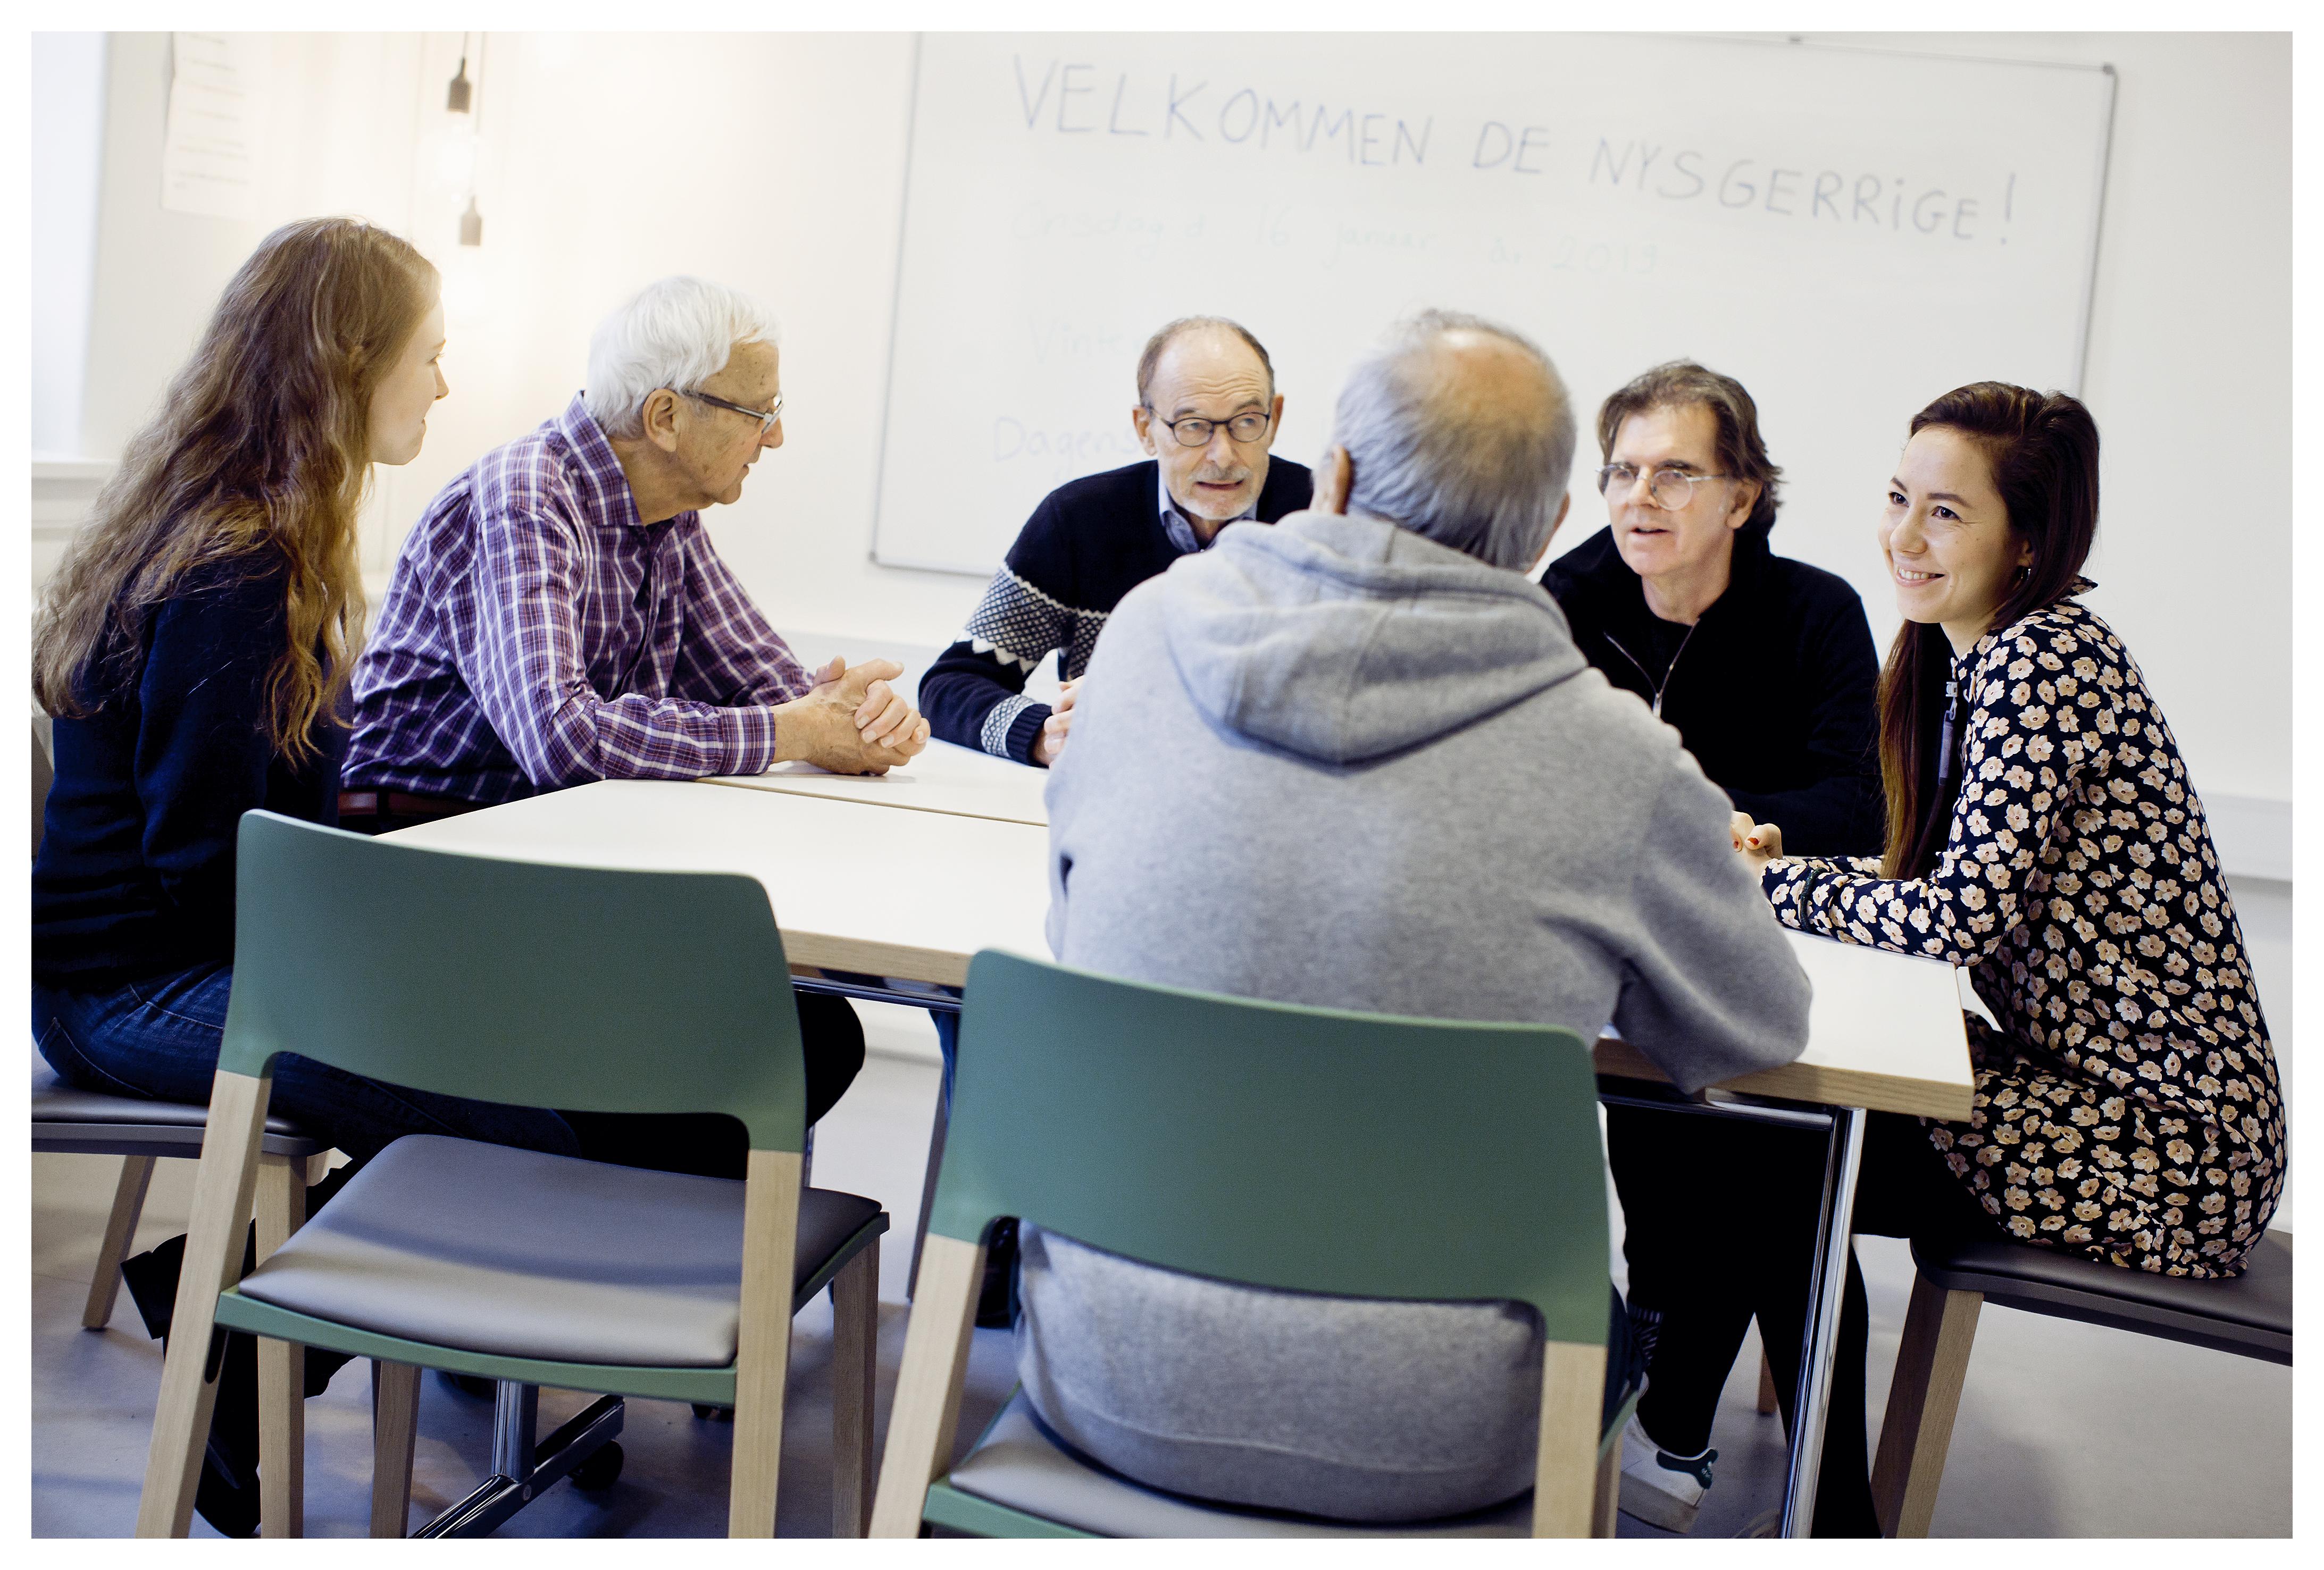 Kognitiv stimulationsterapi – også kaldet CST - er en evidensbaseret terapiform til demente borgere. Metoden bruges i 27 lande – men ikke i Danmark, og det vil forskningsleder Rikke Gregersen og ergoterapeut Annette Johannesen lave om på.